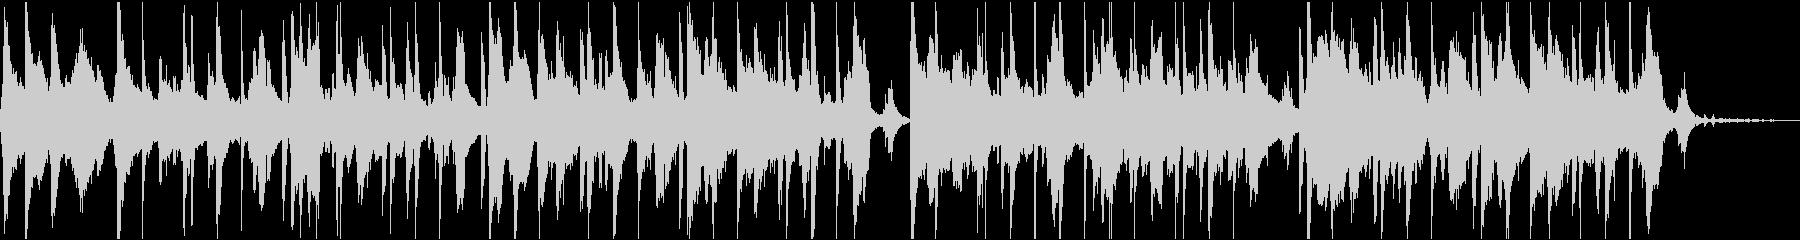 落ち着いたピアノメインのチルアウトの未再生の波形